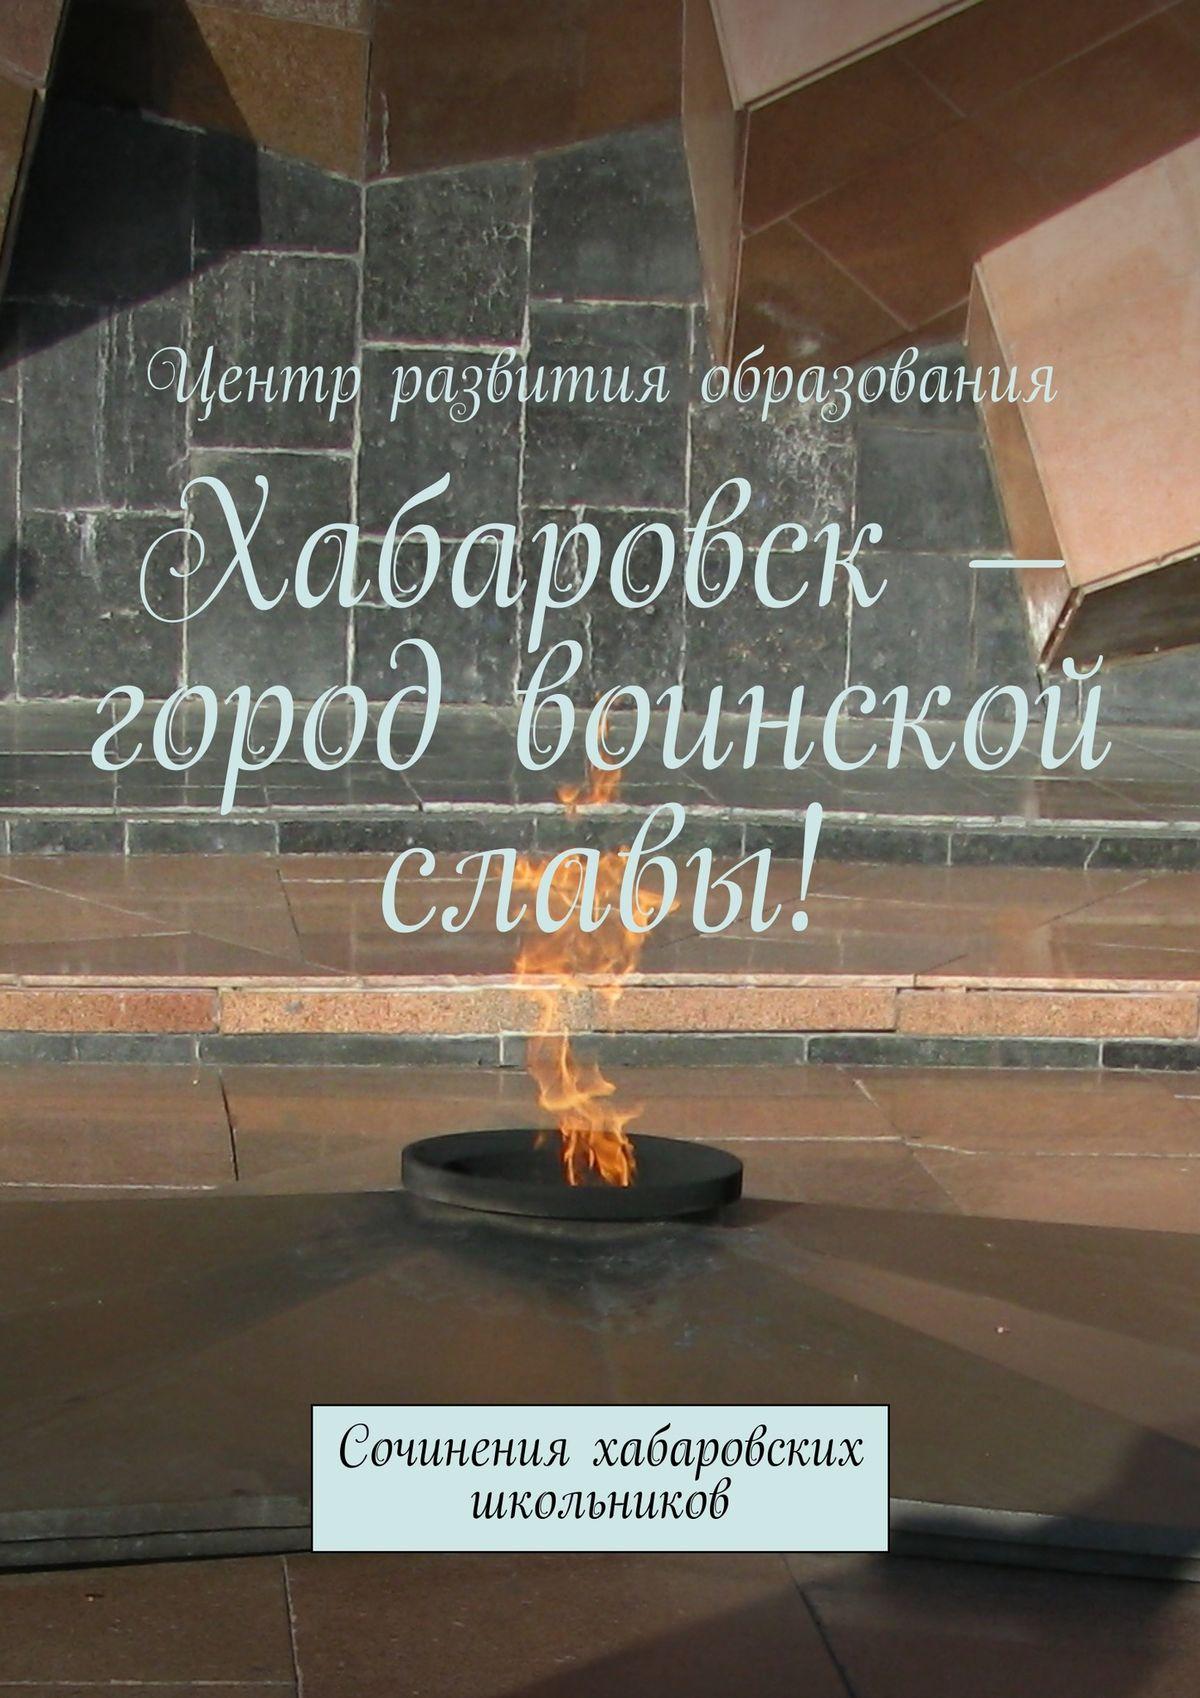 Коллектив авторов – город воинской славы!